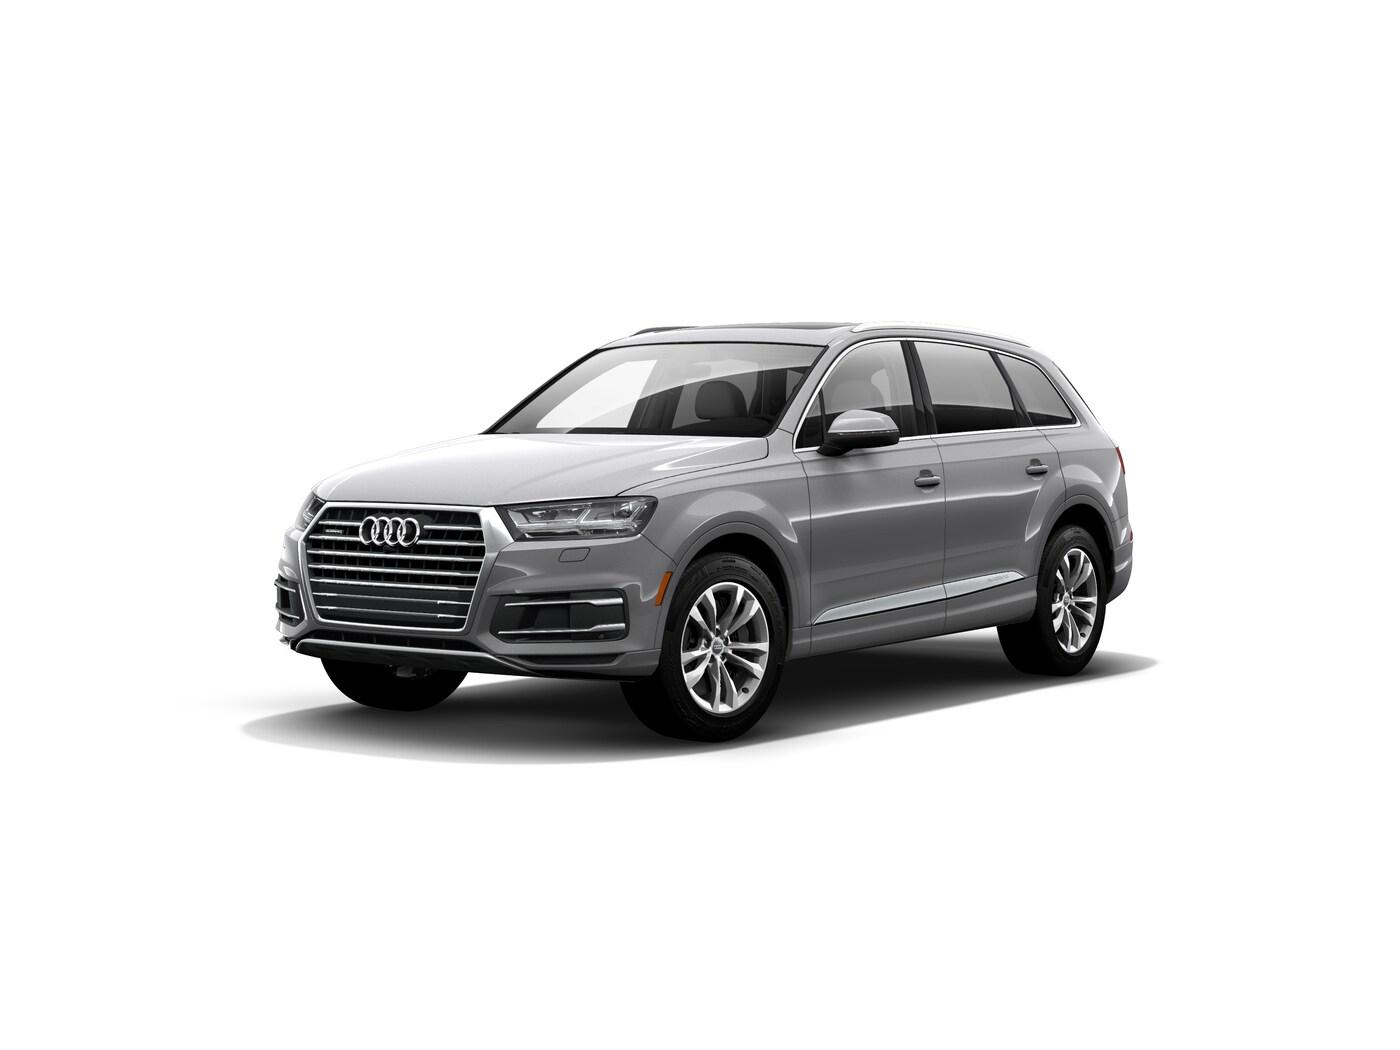 2018 Audi Q7 SUV